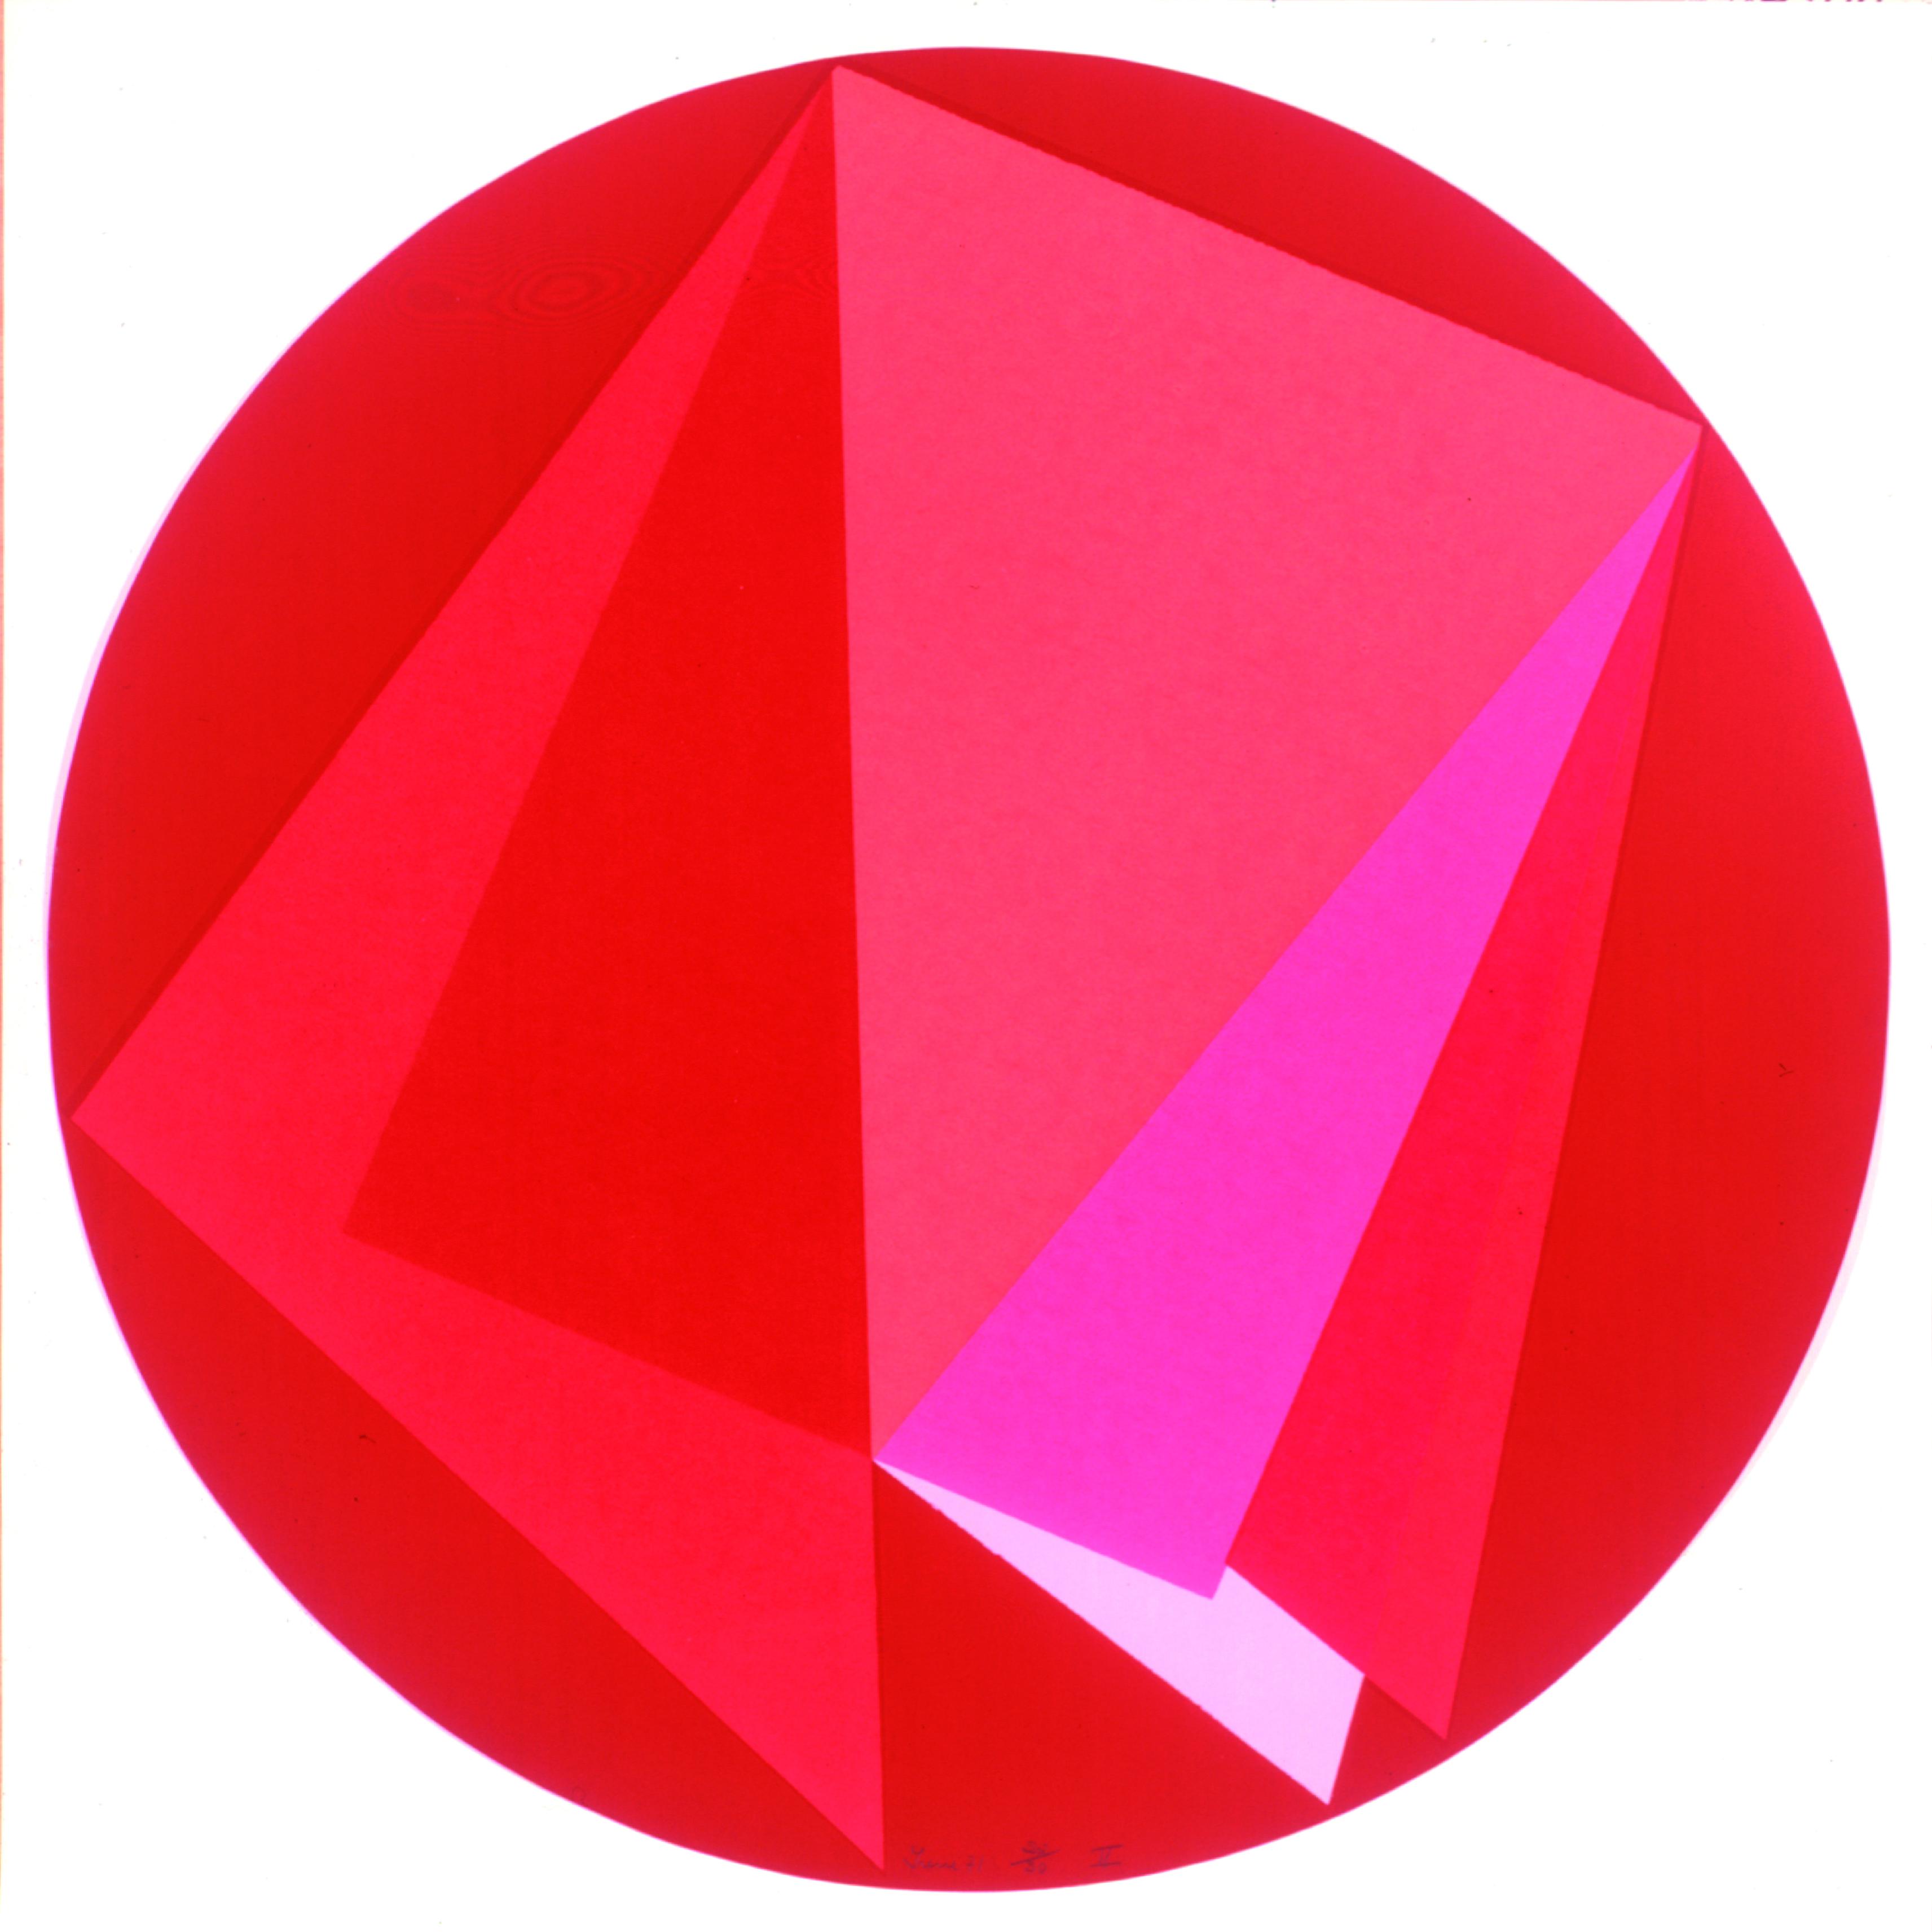 Geométrico Circular II Autor: Irene Buarque Ano: 1971 Técnica: Serigrafia (22/30) Dimensão: 65cm x 65cm